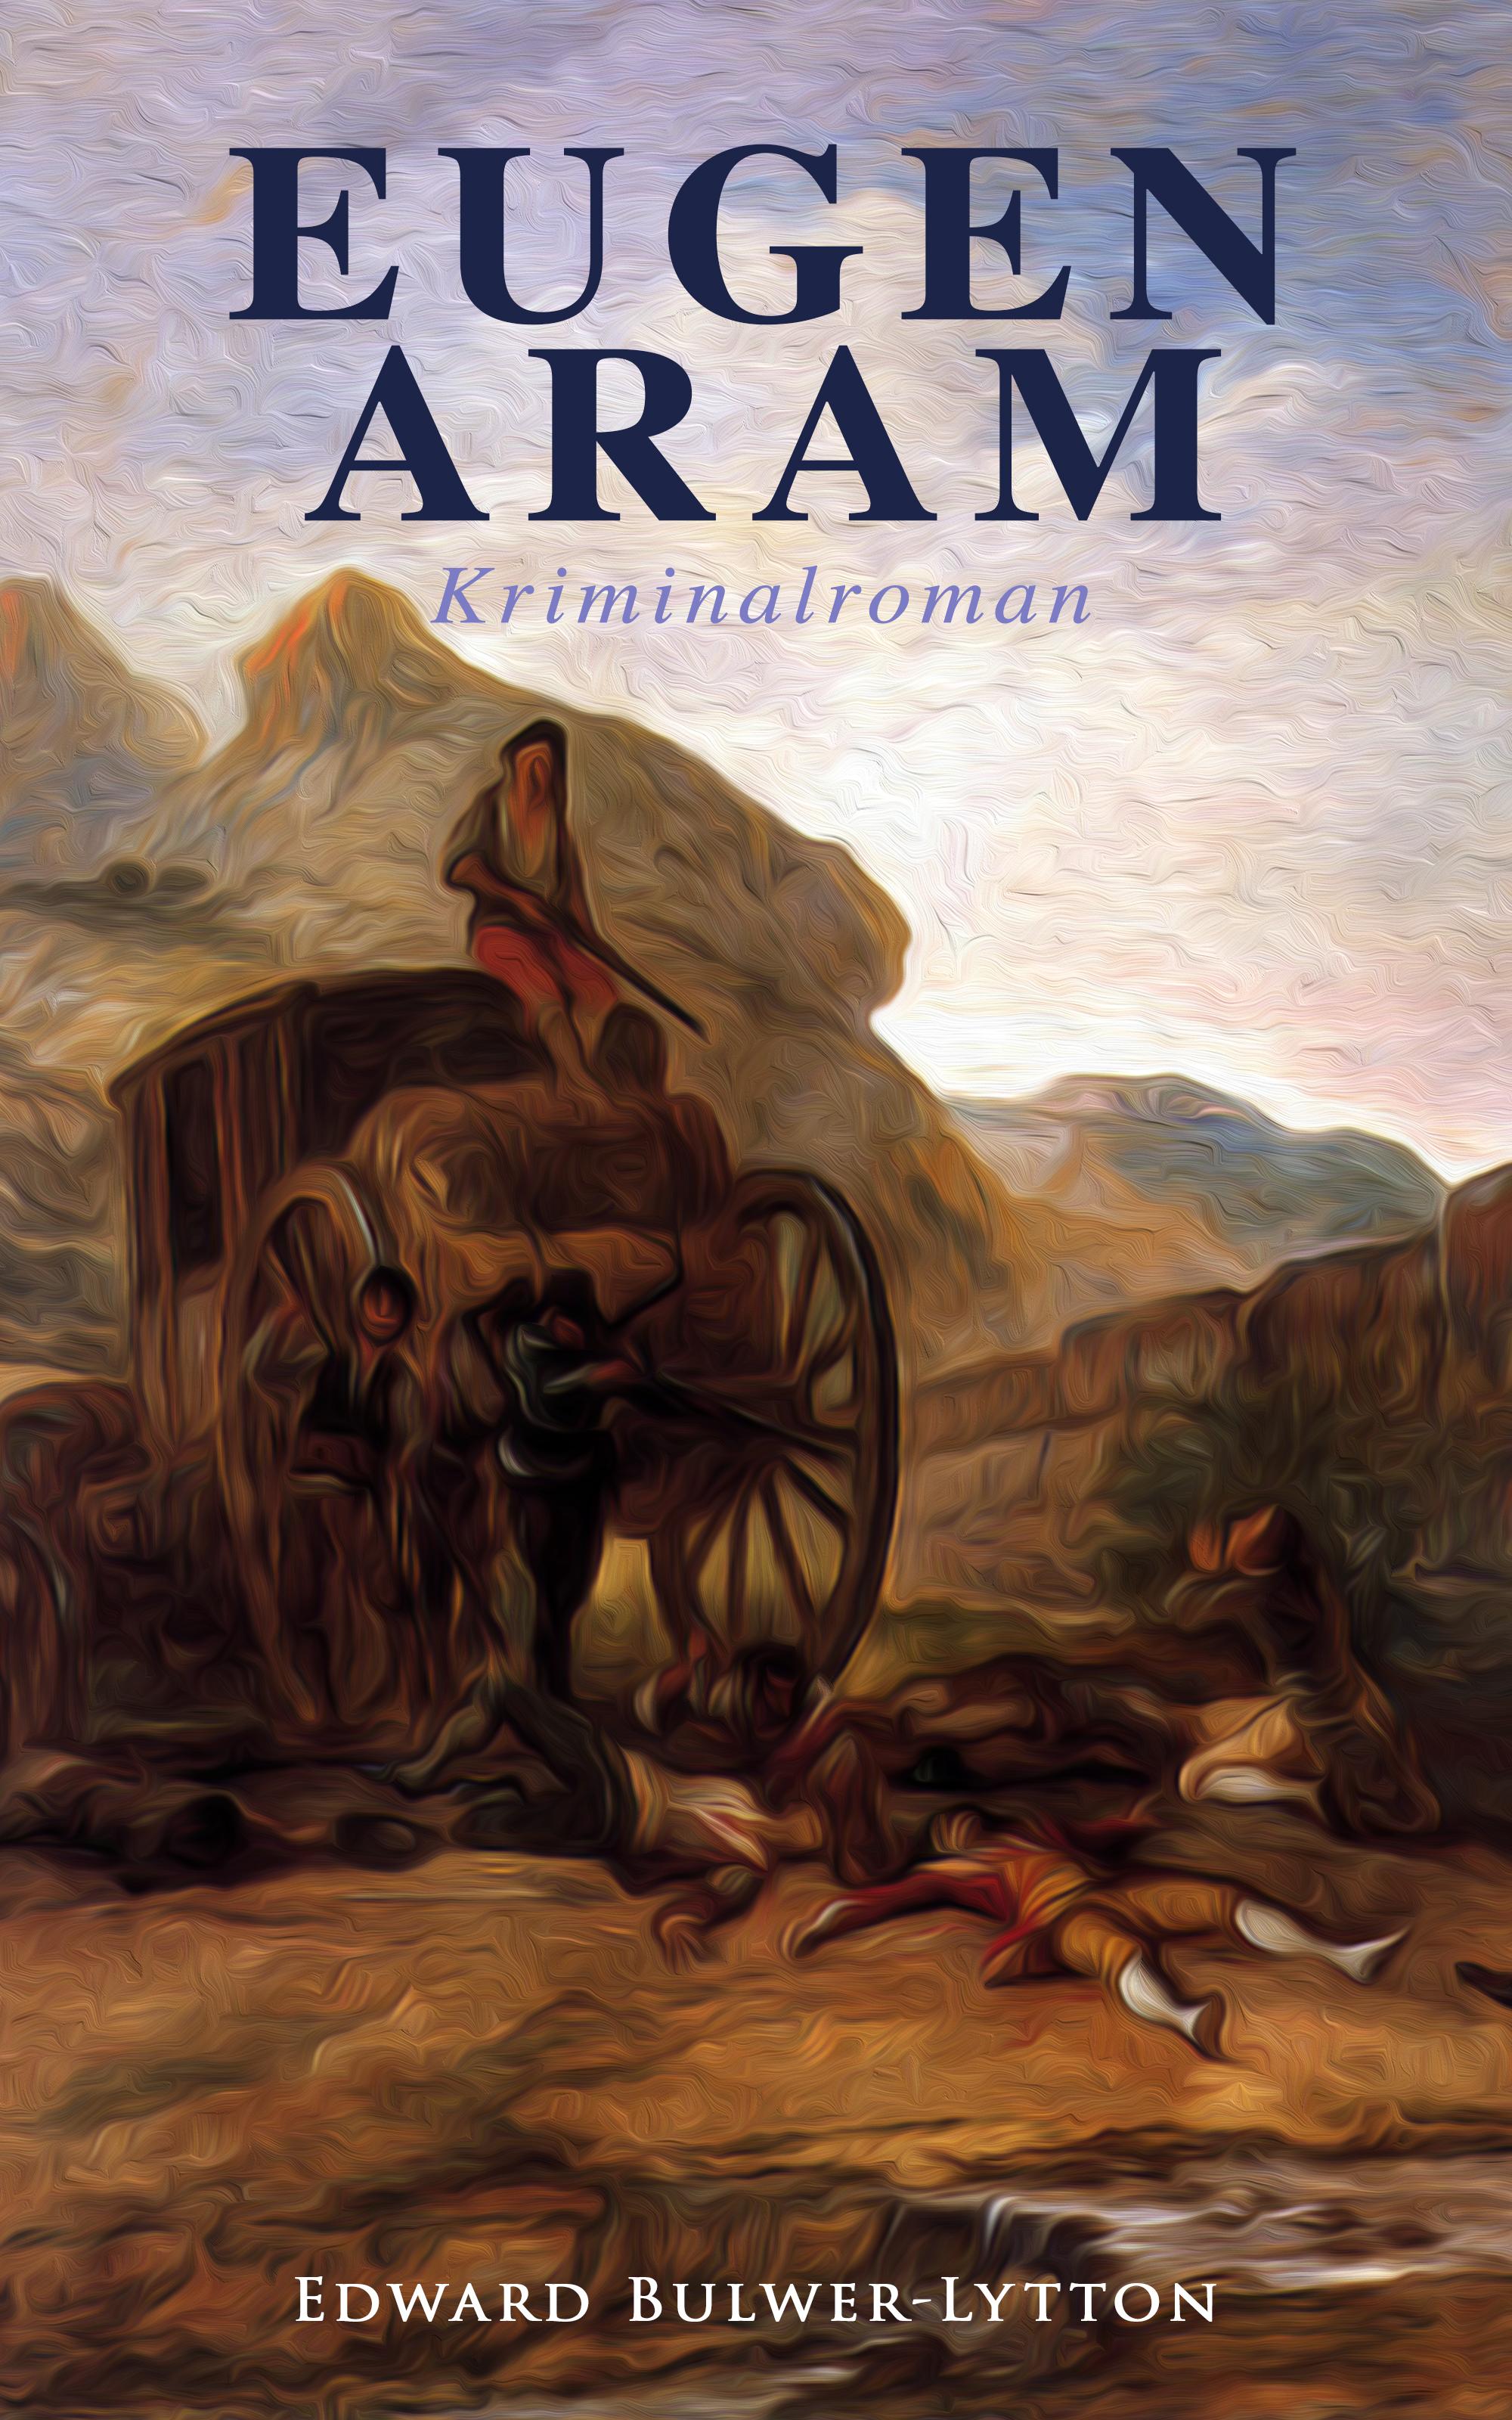 Eugen Aram